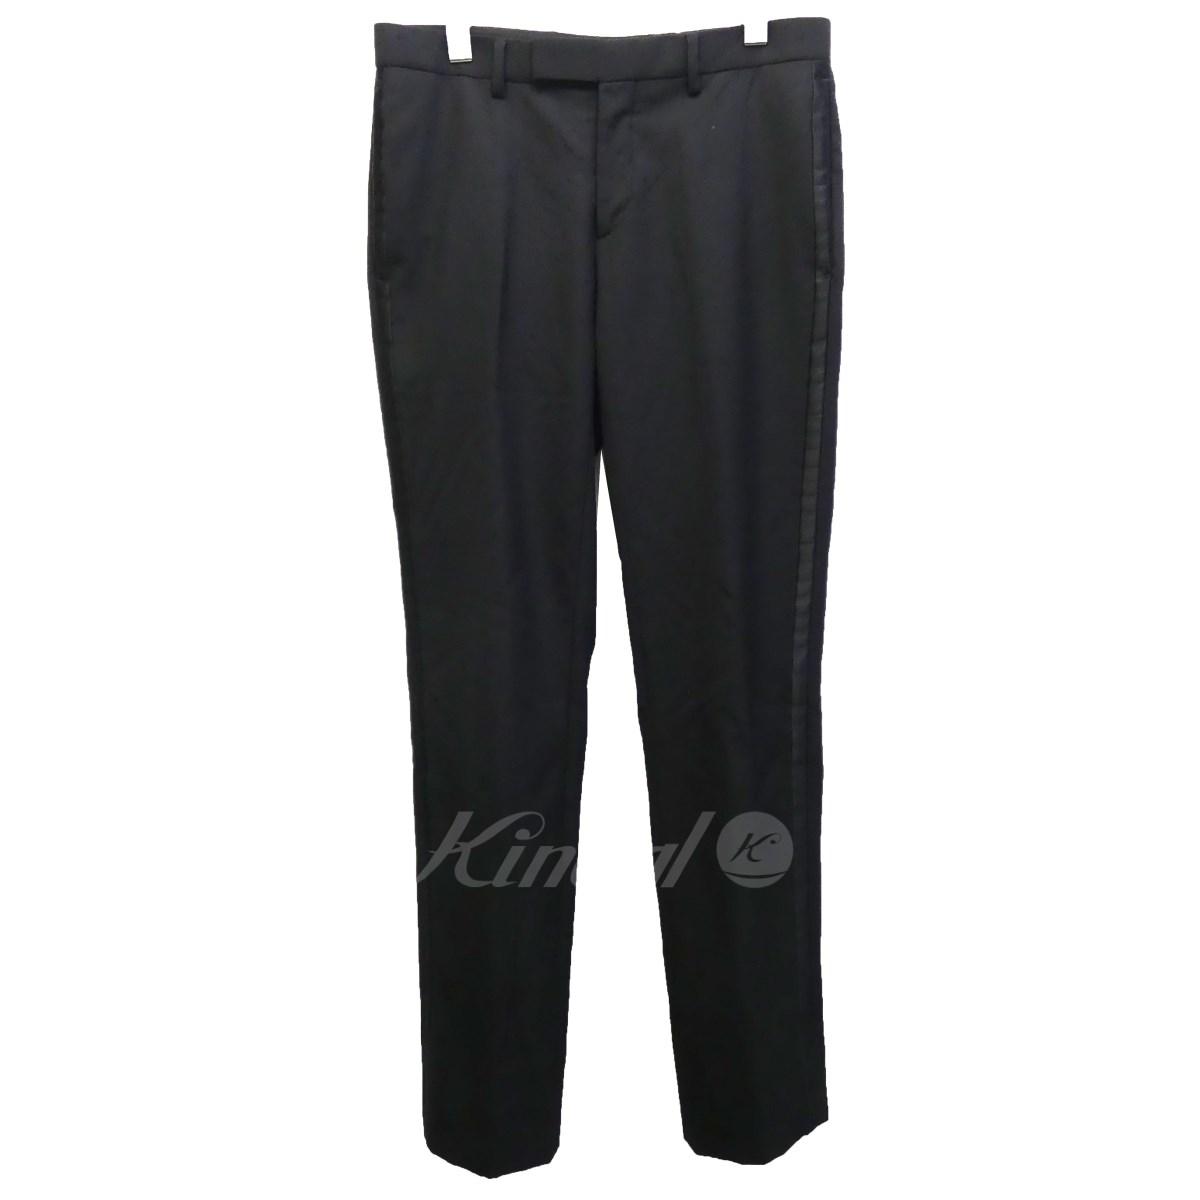 【中古】Dior Homme 09AW サイドラインスラックス ブラック サイズ:46 【送料無料】 【280718】(ディオールオム)